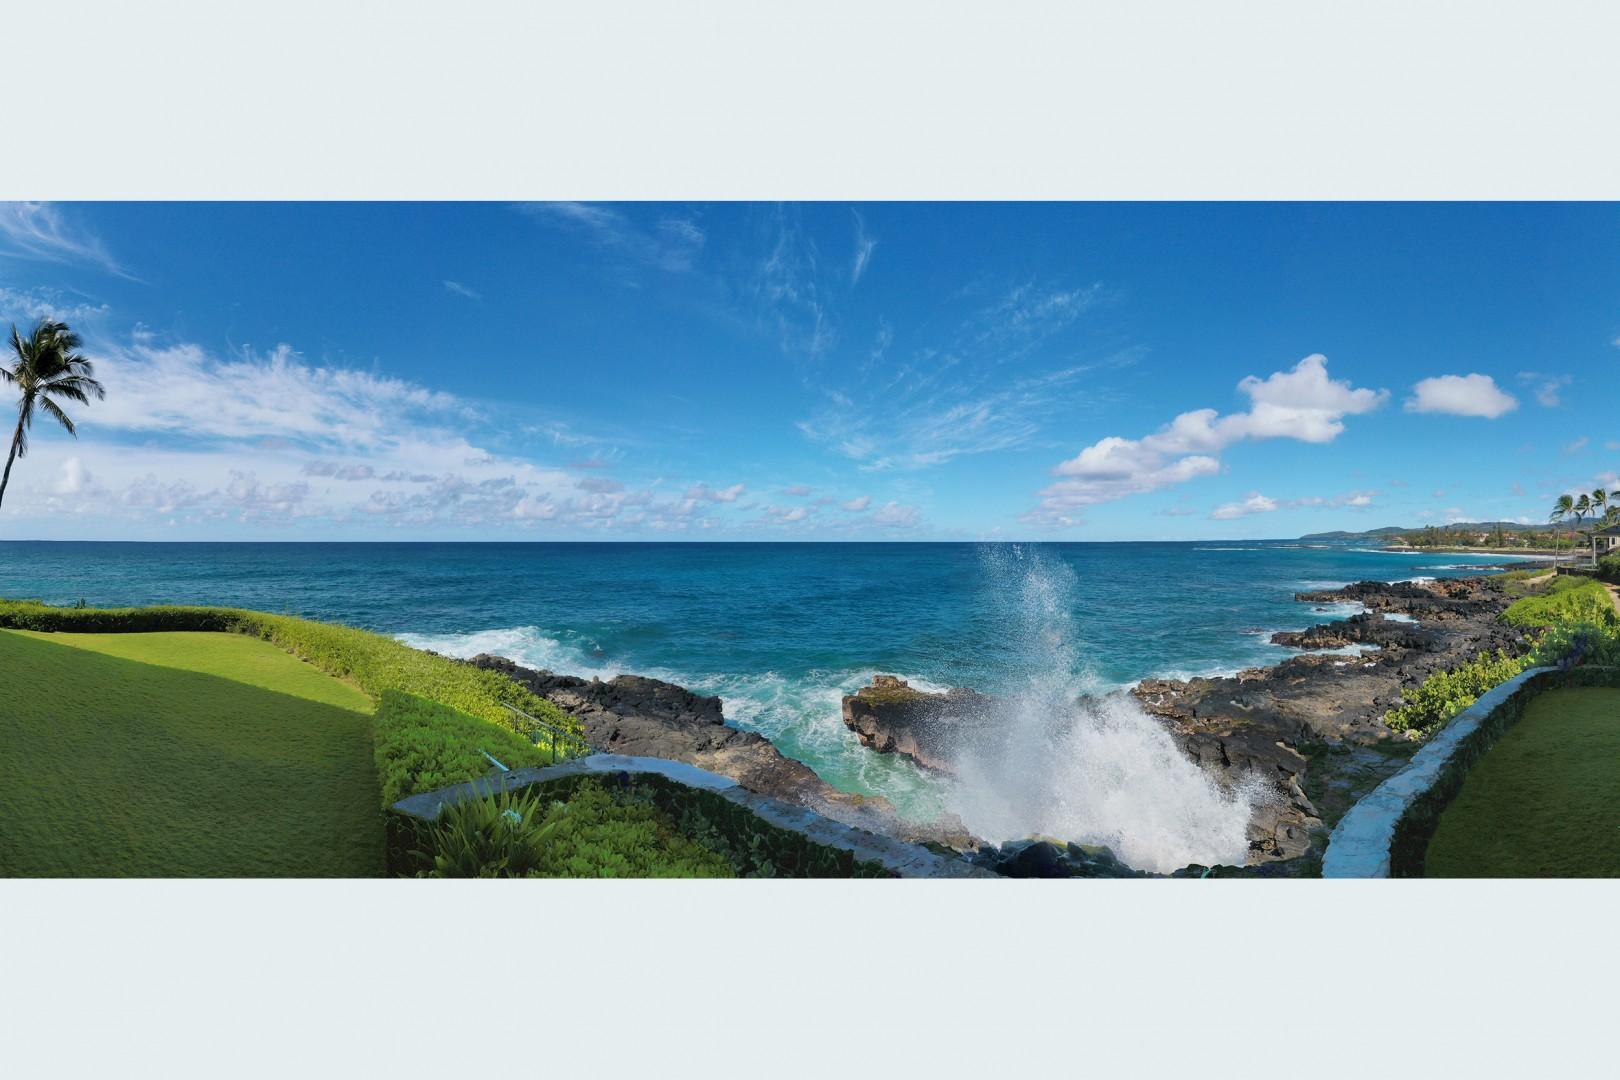 Ocean view from Lanai